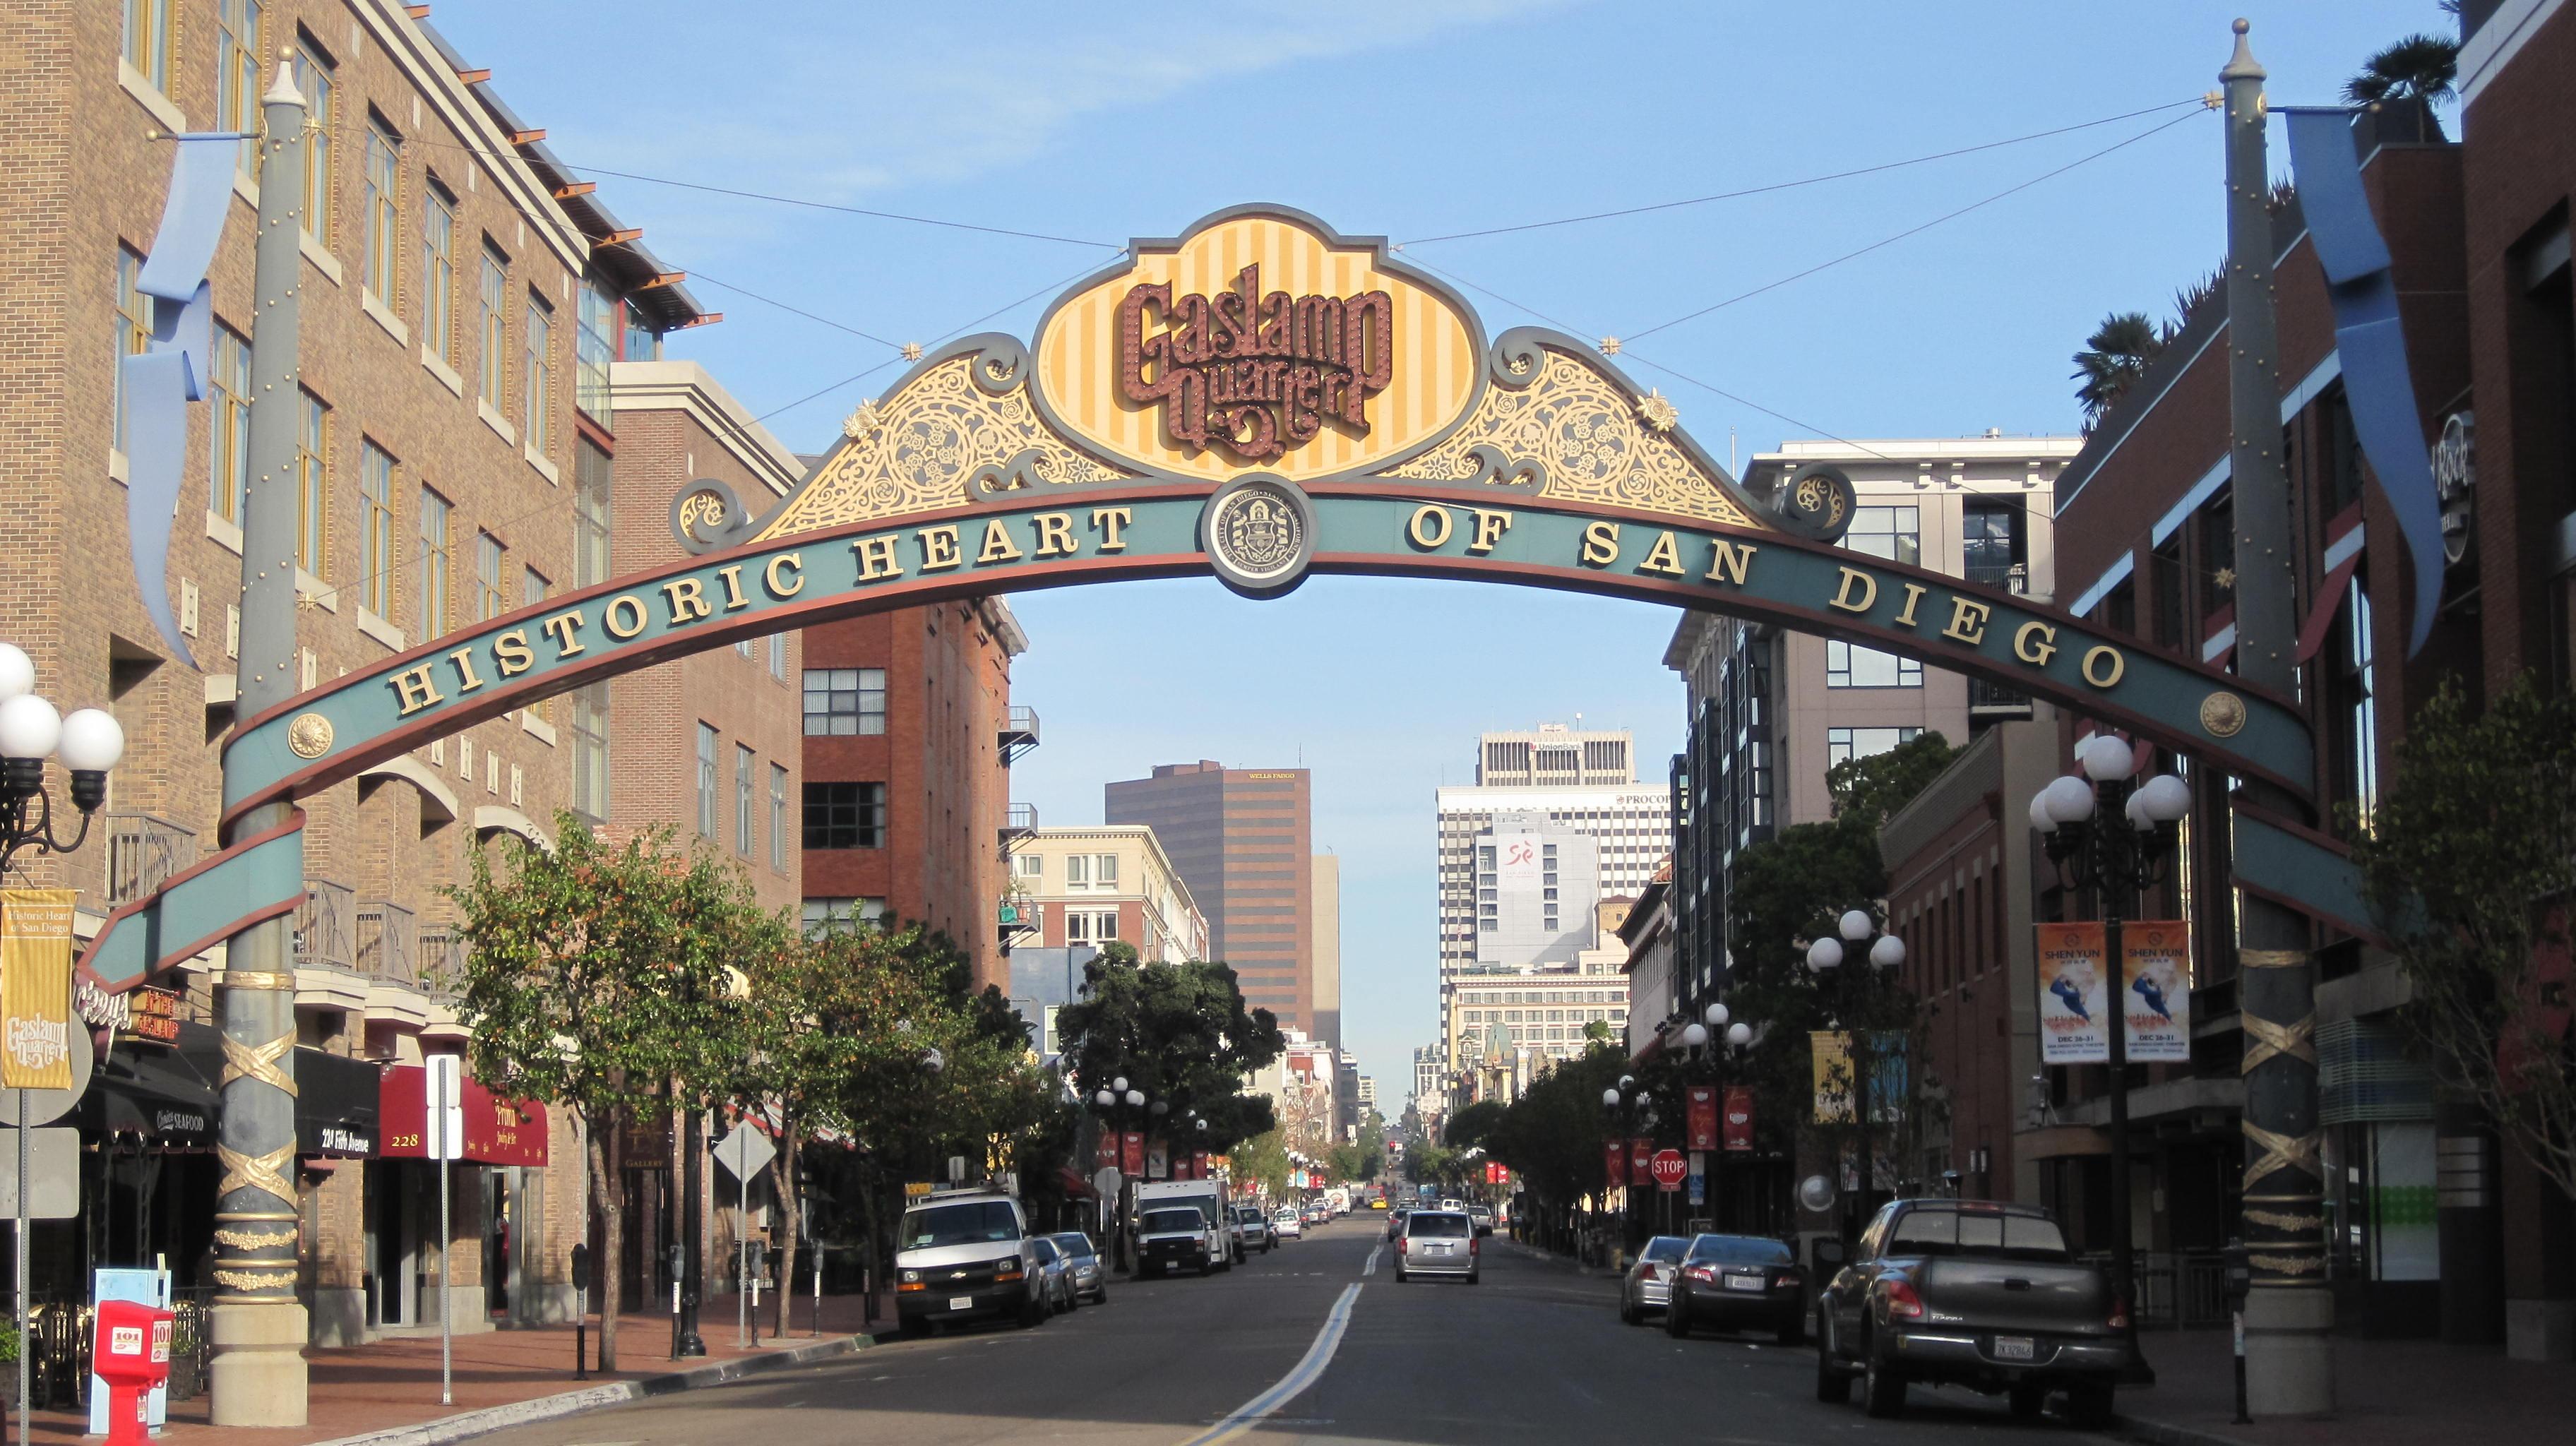 File:Gaslamp Quarter sign 1.JPG - Wikimedia Commons